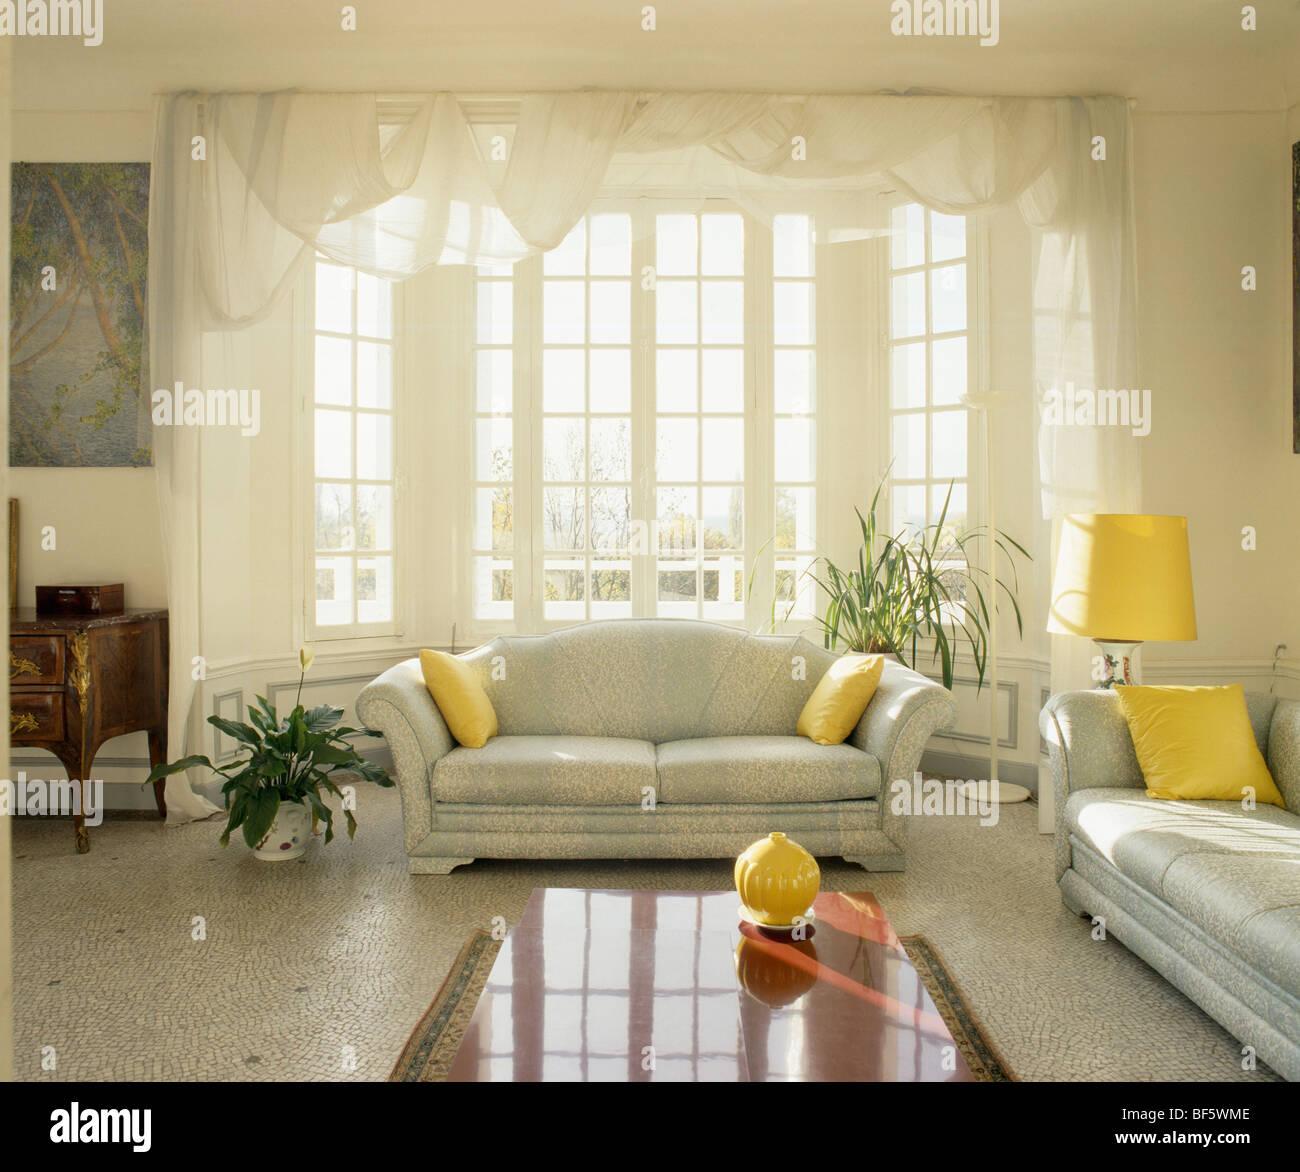 Terrazzo-Boden und grau Sofas mit gelben Kissen im traditionellen ...